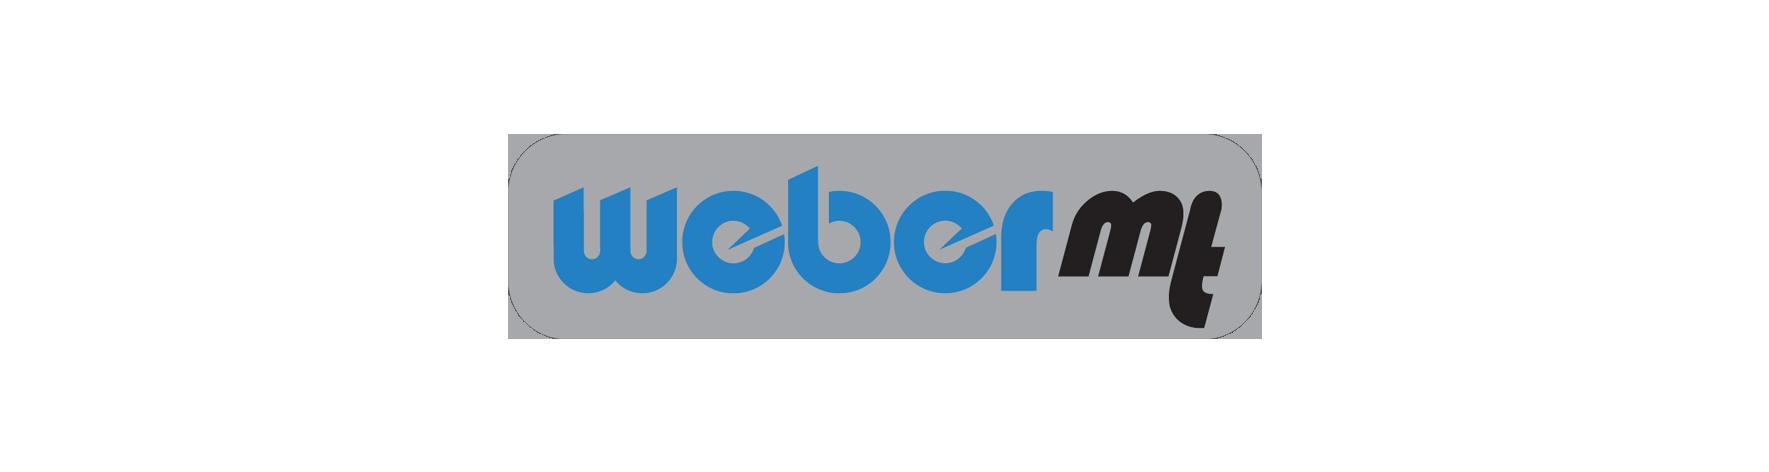 weber_centro_cores